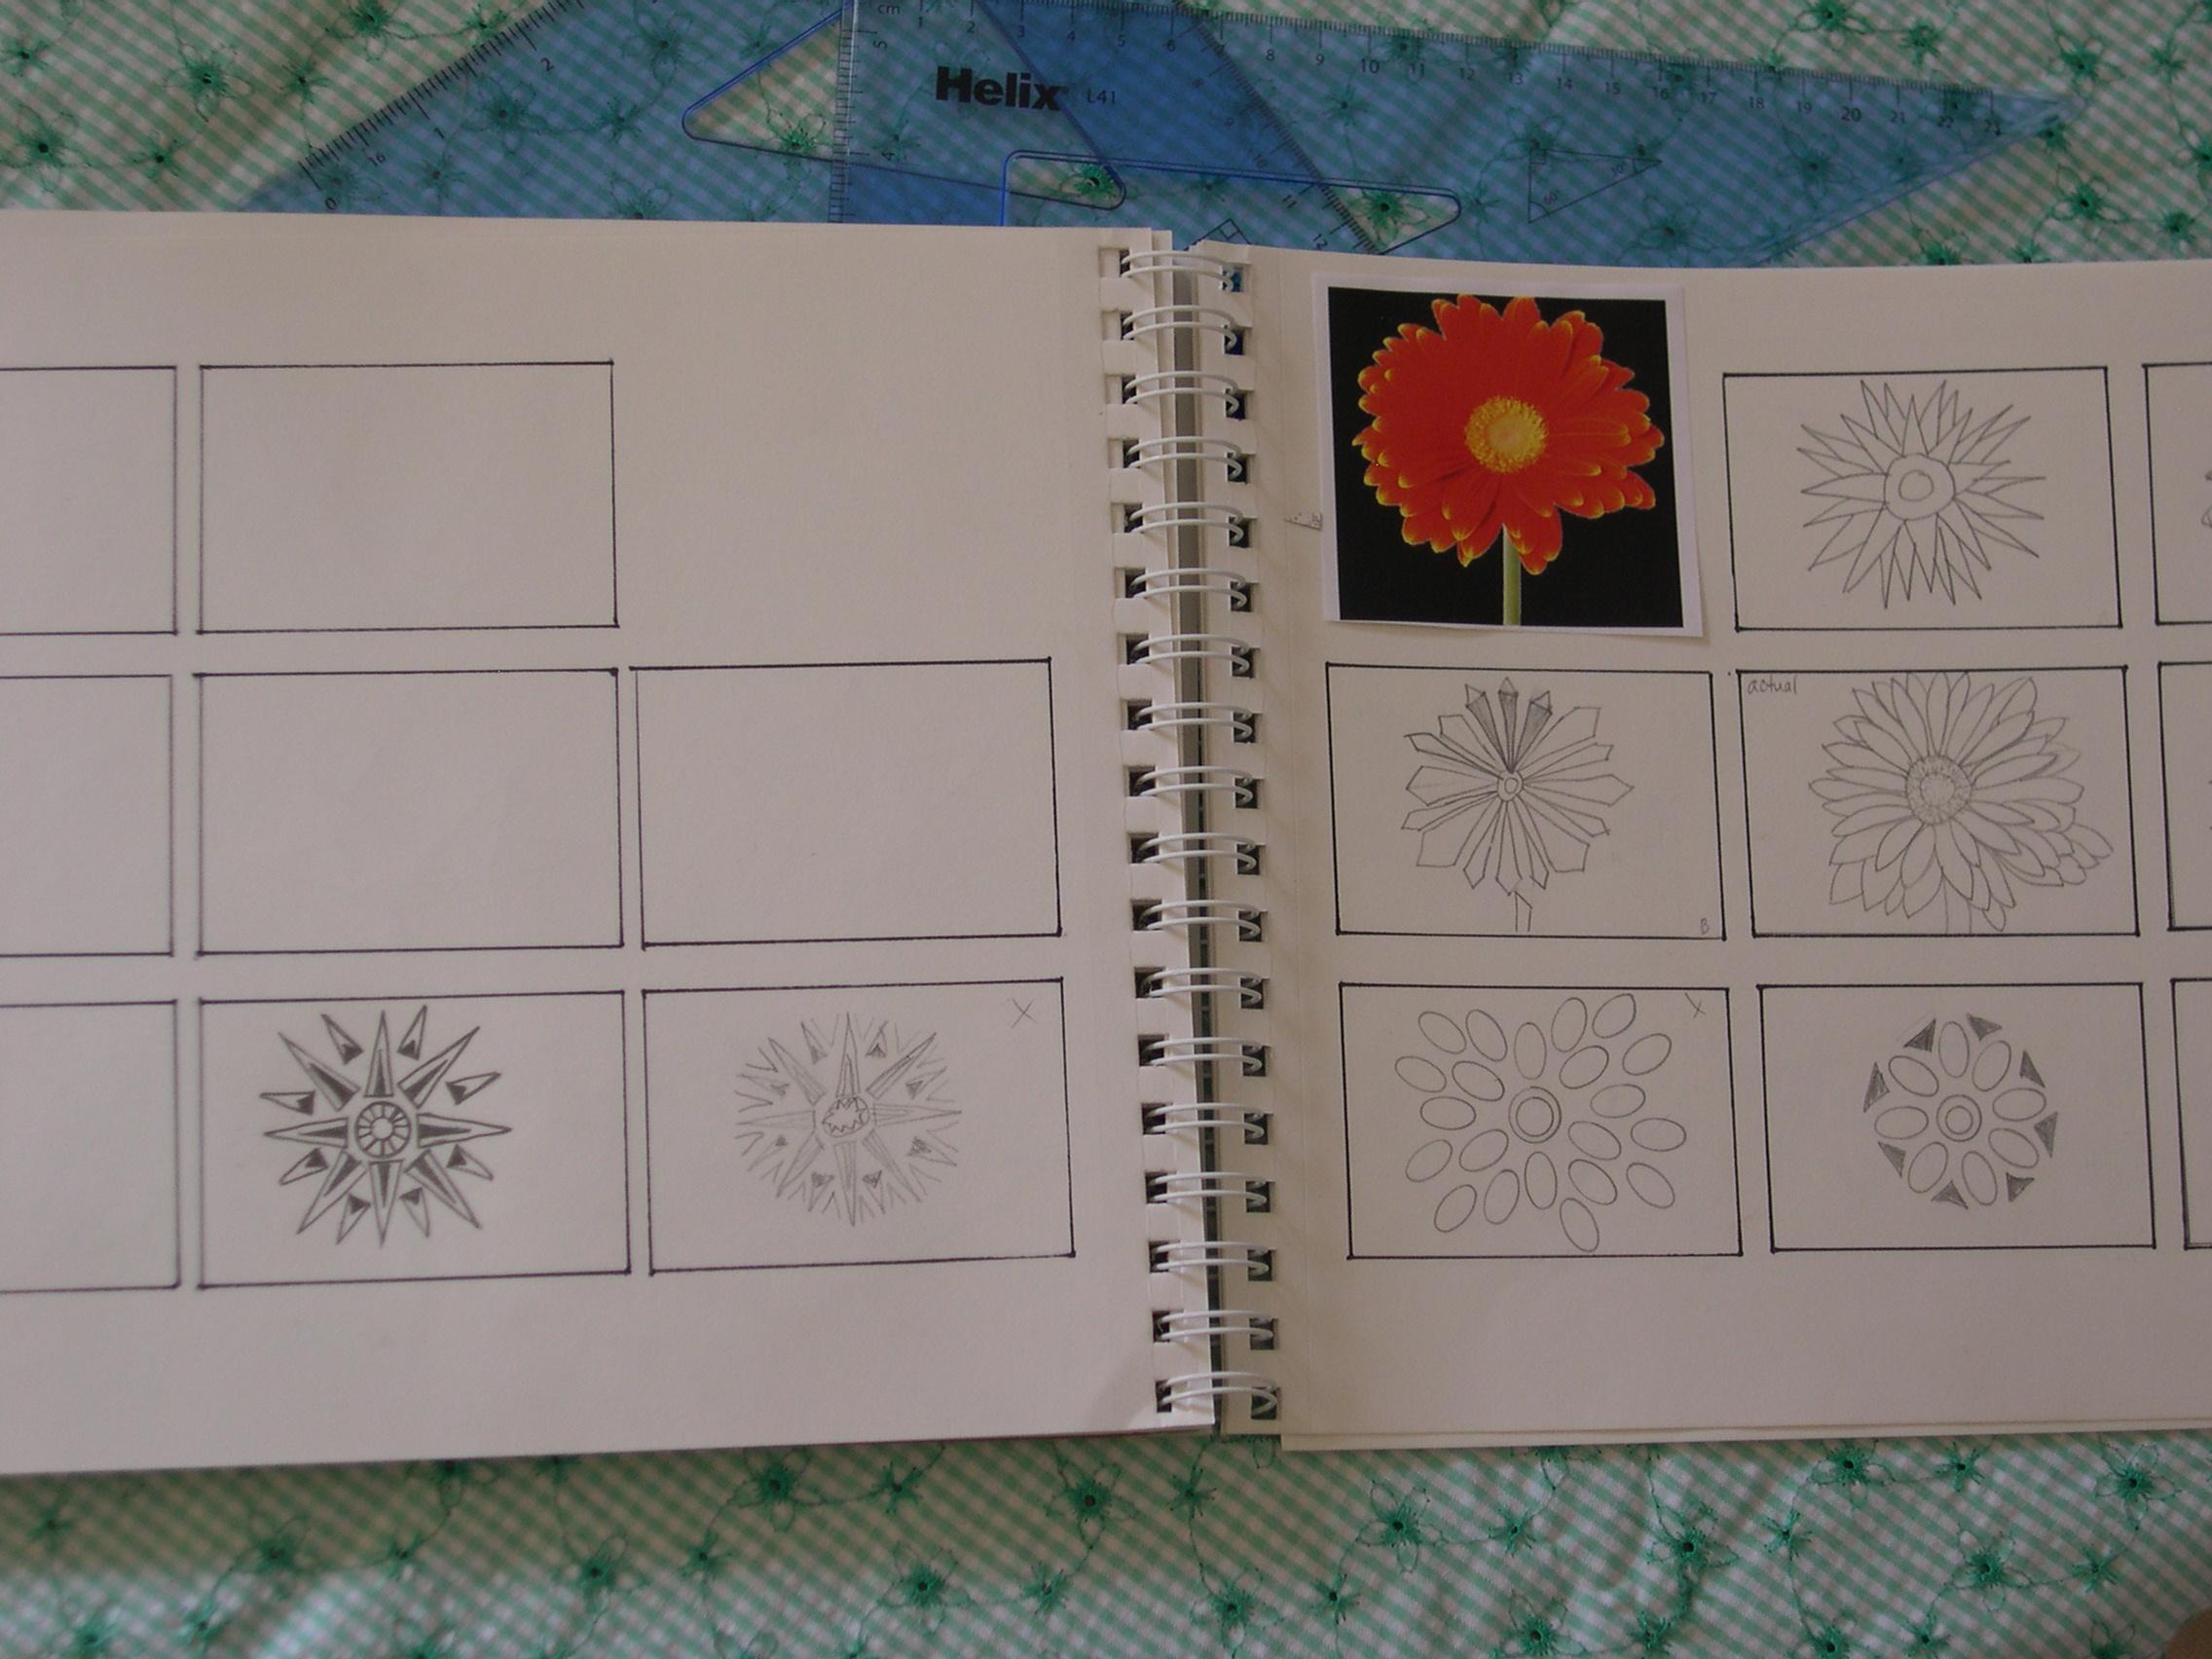 daisy drawings